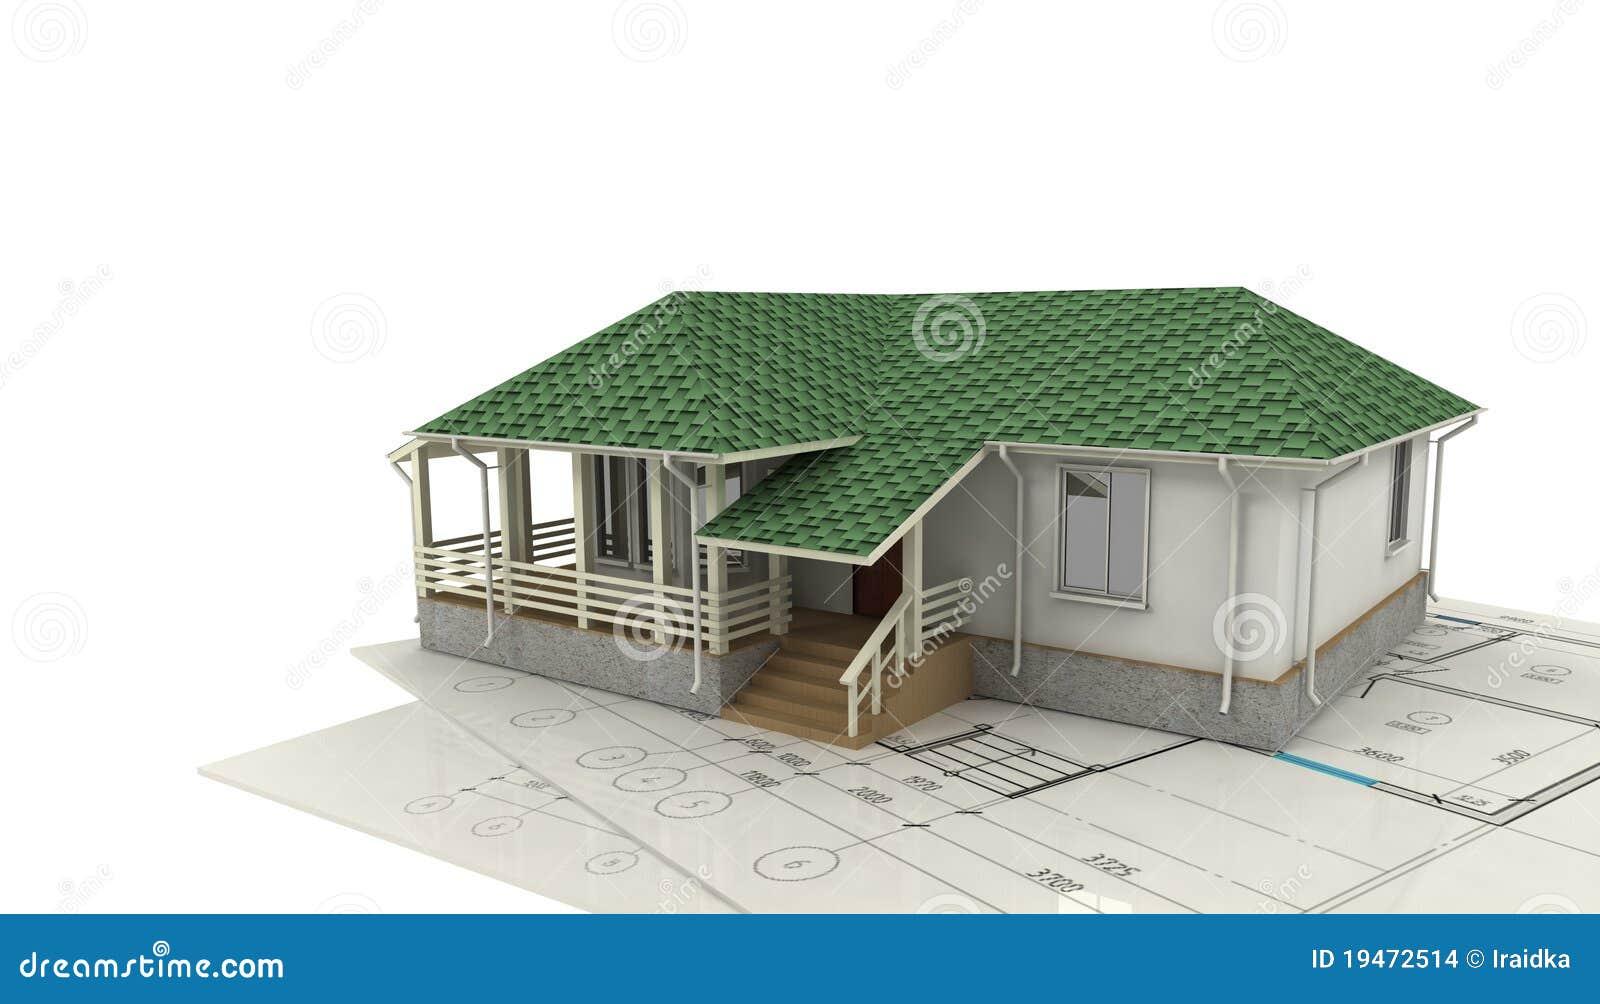 Tekening van het huis en zijn 3d model stock afbeeldingen afbeelding 19472514 - Huis exterieur model ...